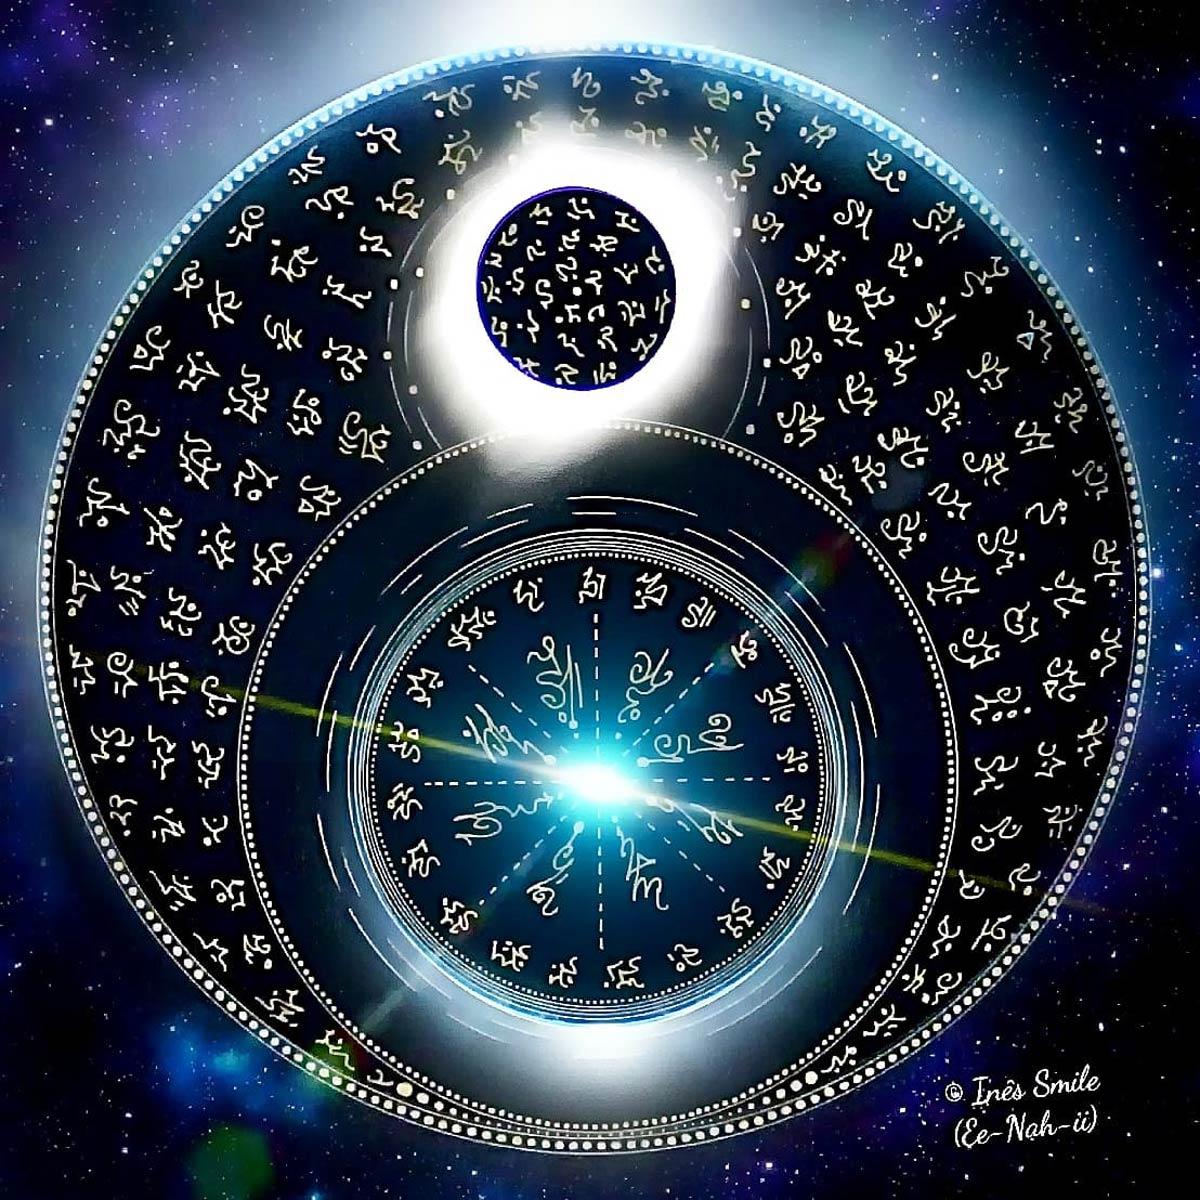 Cosmic Heaven by Inês Guerreiro